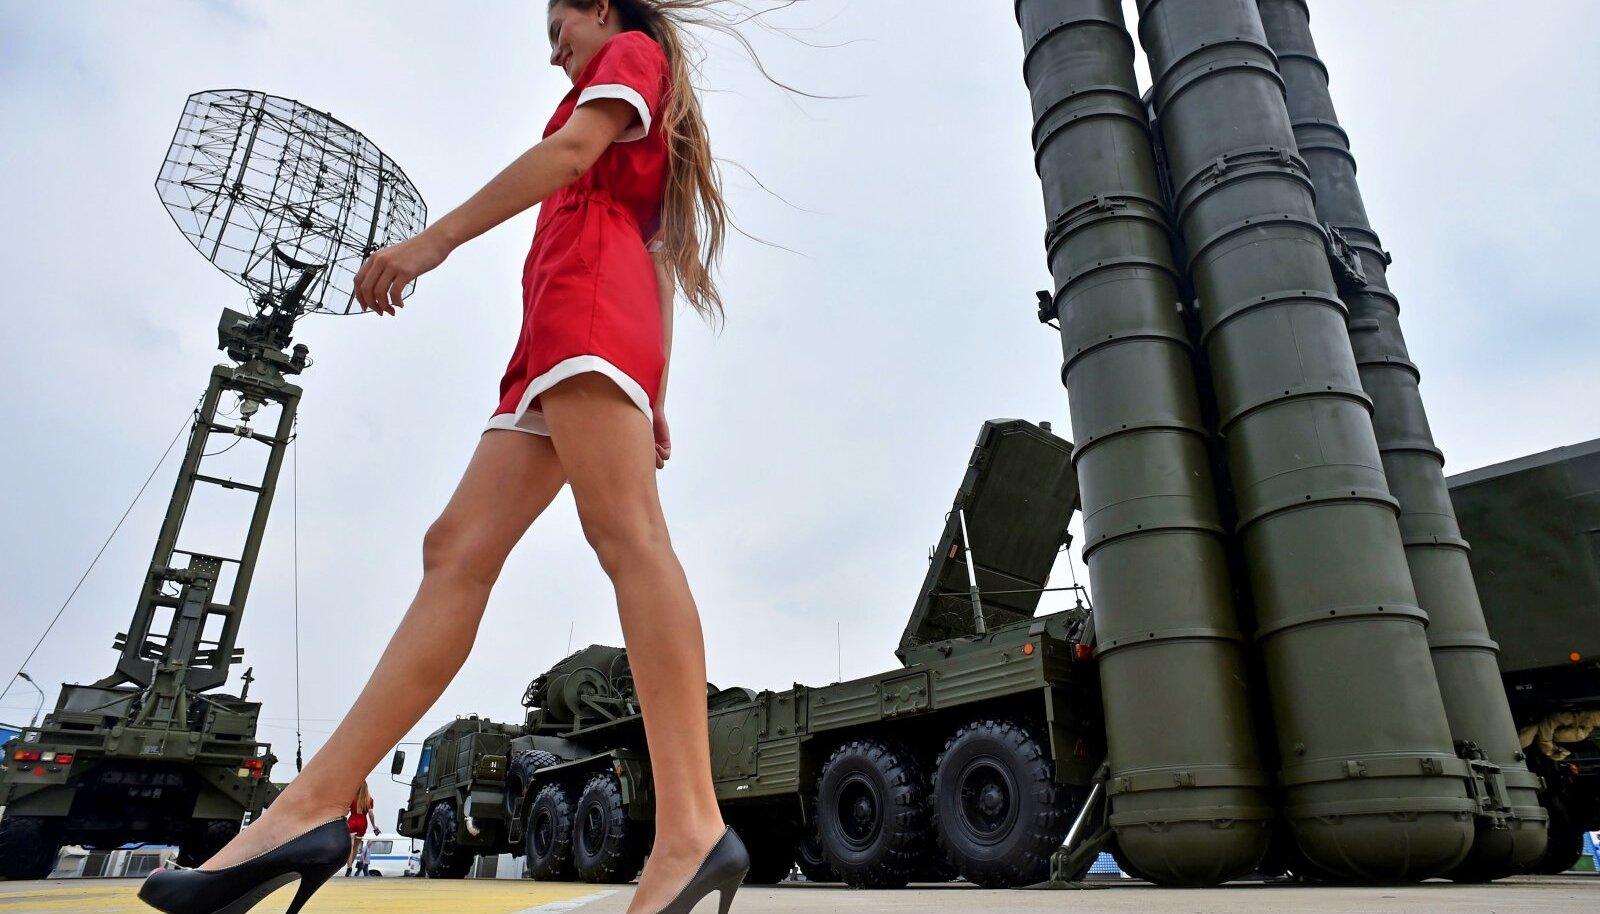 TURUNDAMINE: Nagu pesumasinaid või autosid, müüakse ka relvi naise keha abil. Vene relvamess Oboronexpo 2014. Jalgade taustaks on õhutõrjekompleks S-400. Seesama, mille Türgi äsja Venemaalt ostis, sattudes vastuollu ülejäänud NATO riikidega. Türgi president ei lasknud end sellest häirida.